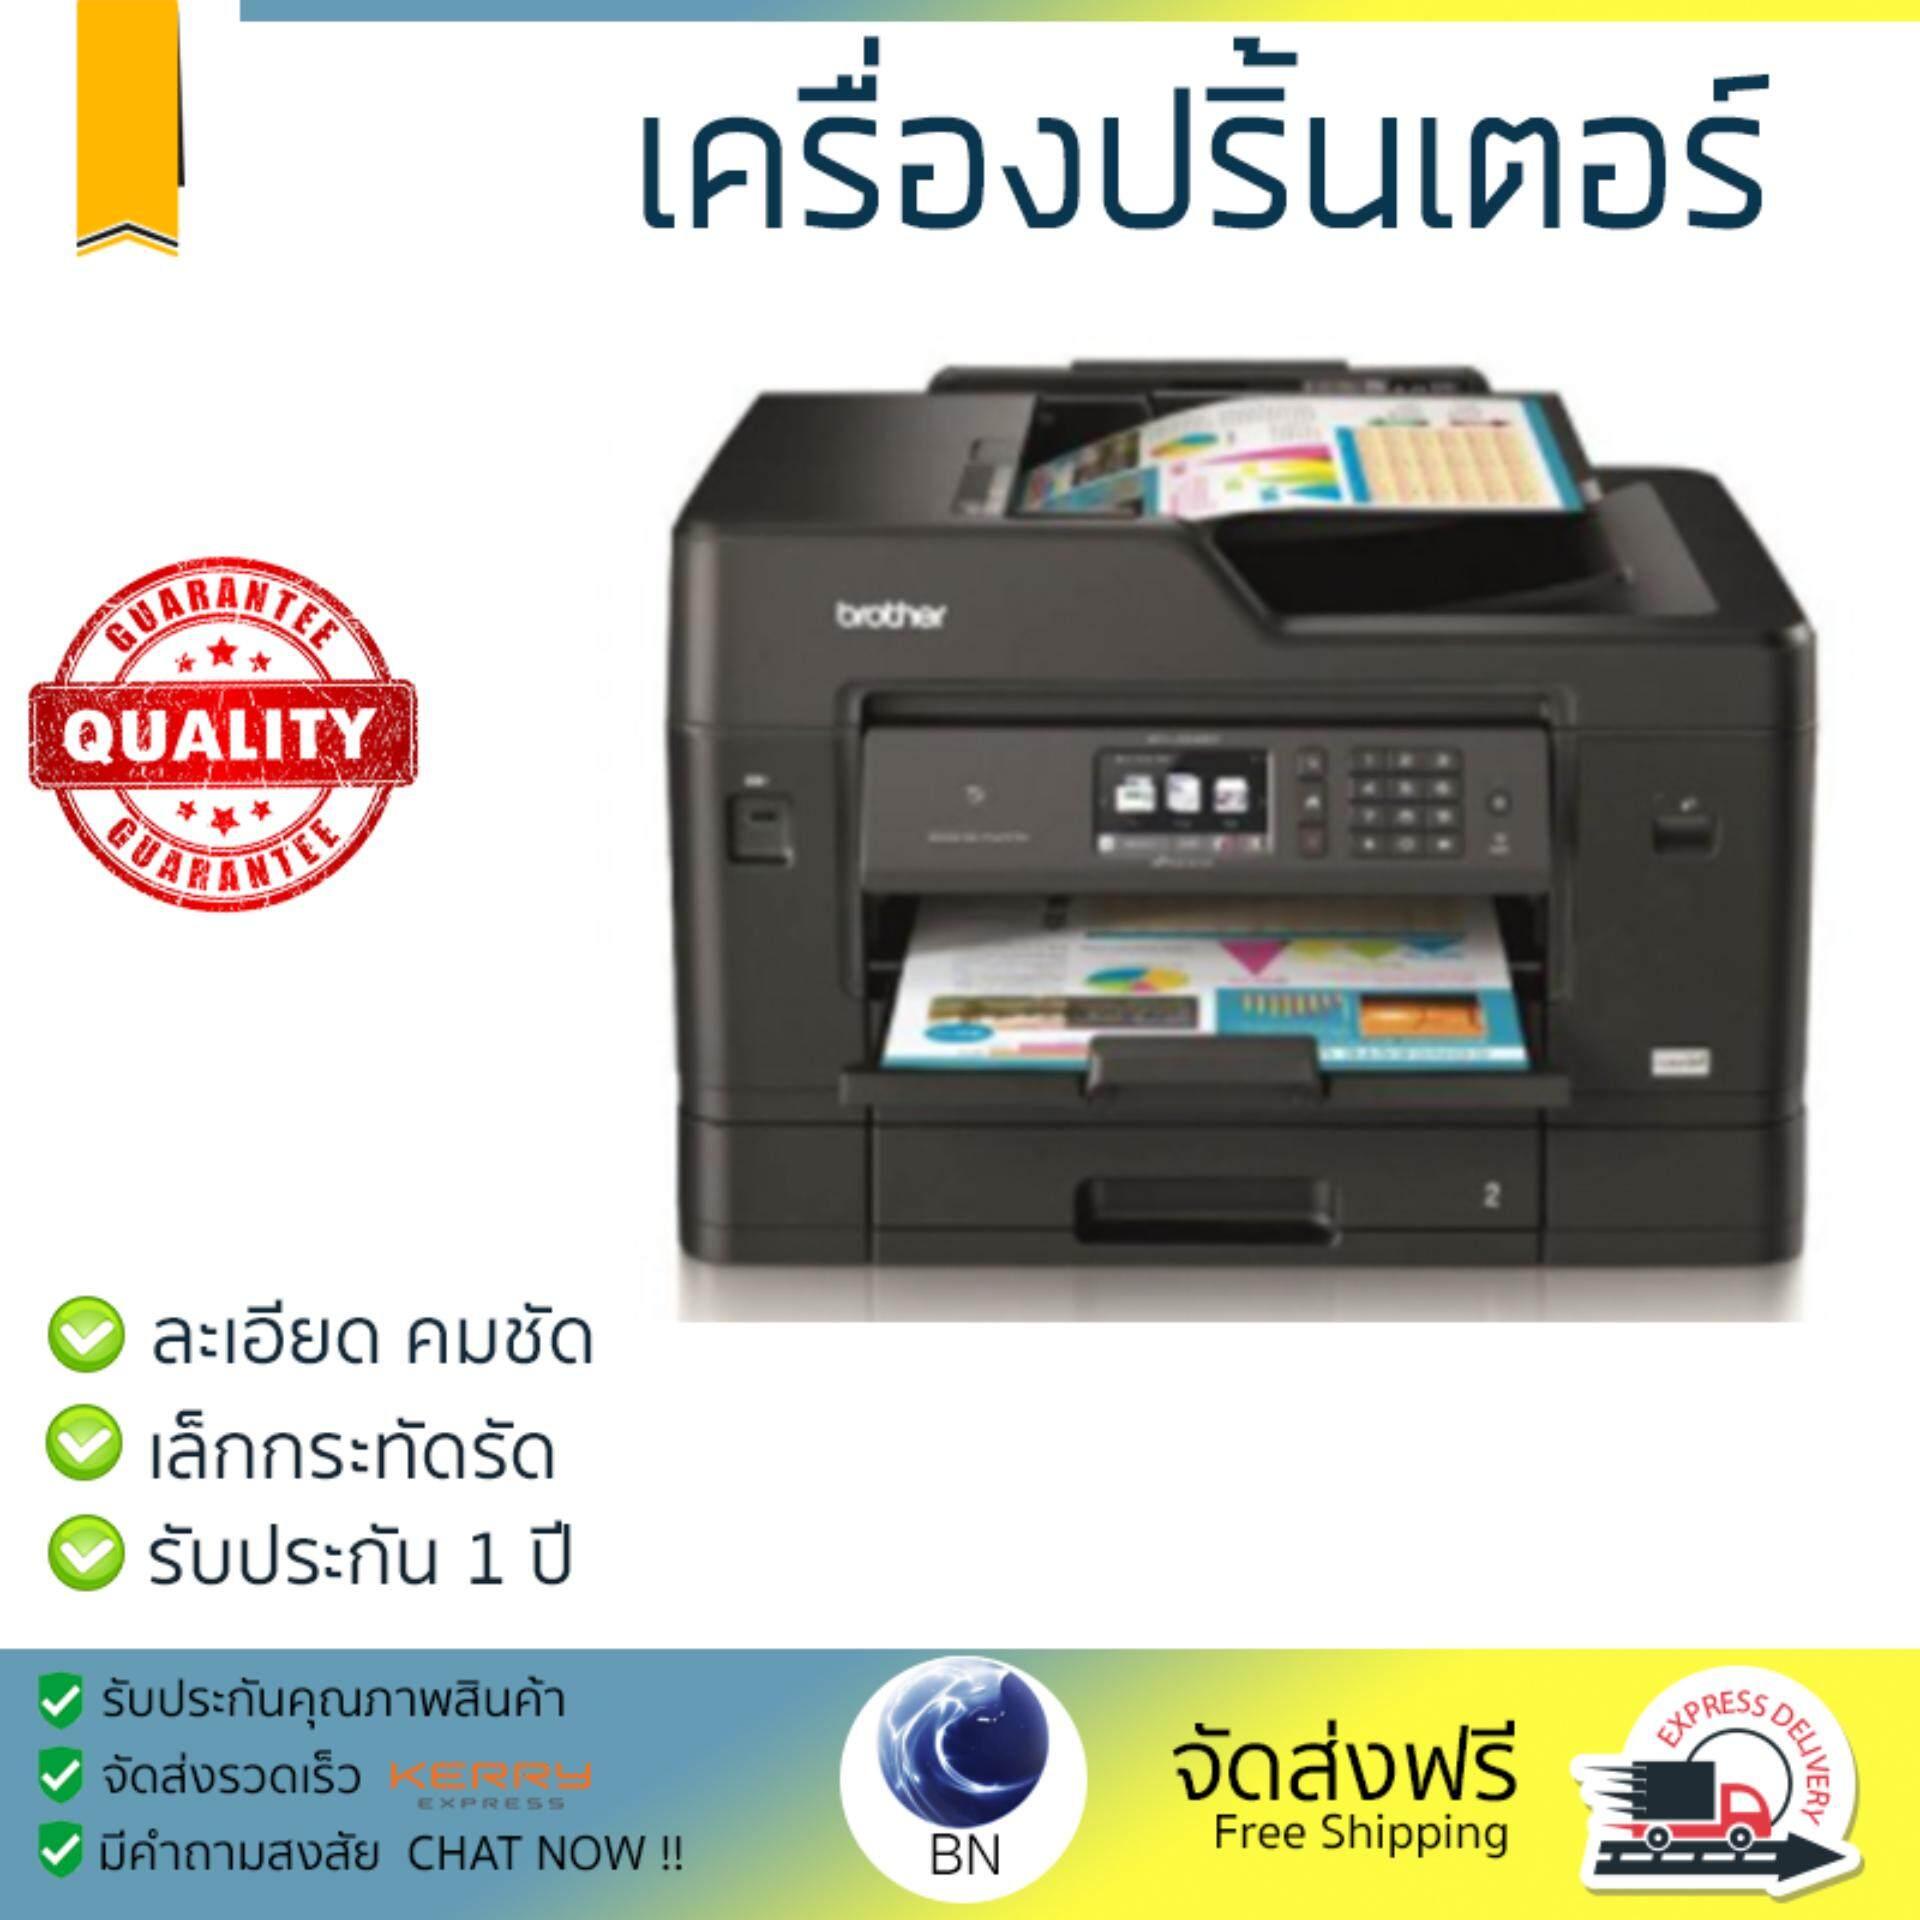 ลดสุดๆ โปรโมชัน เครื่องพิมพ์           BROTHER เครื่องพิมพ์อเนกประสงค์ 6IN1 รุ่น MFC-J3930DW             ความละเอียดสูง คมชัด ประหยัดหมึก เครื่องปริ้น เครื่องปริ้นท์ All in one Printer รับประกันสินค้า